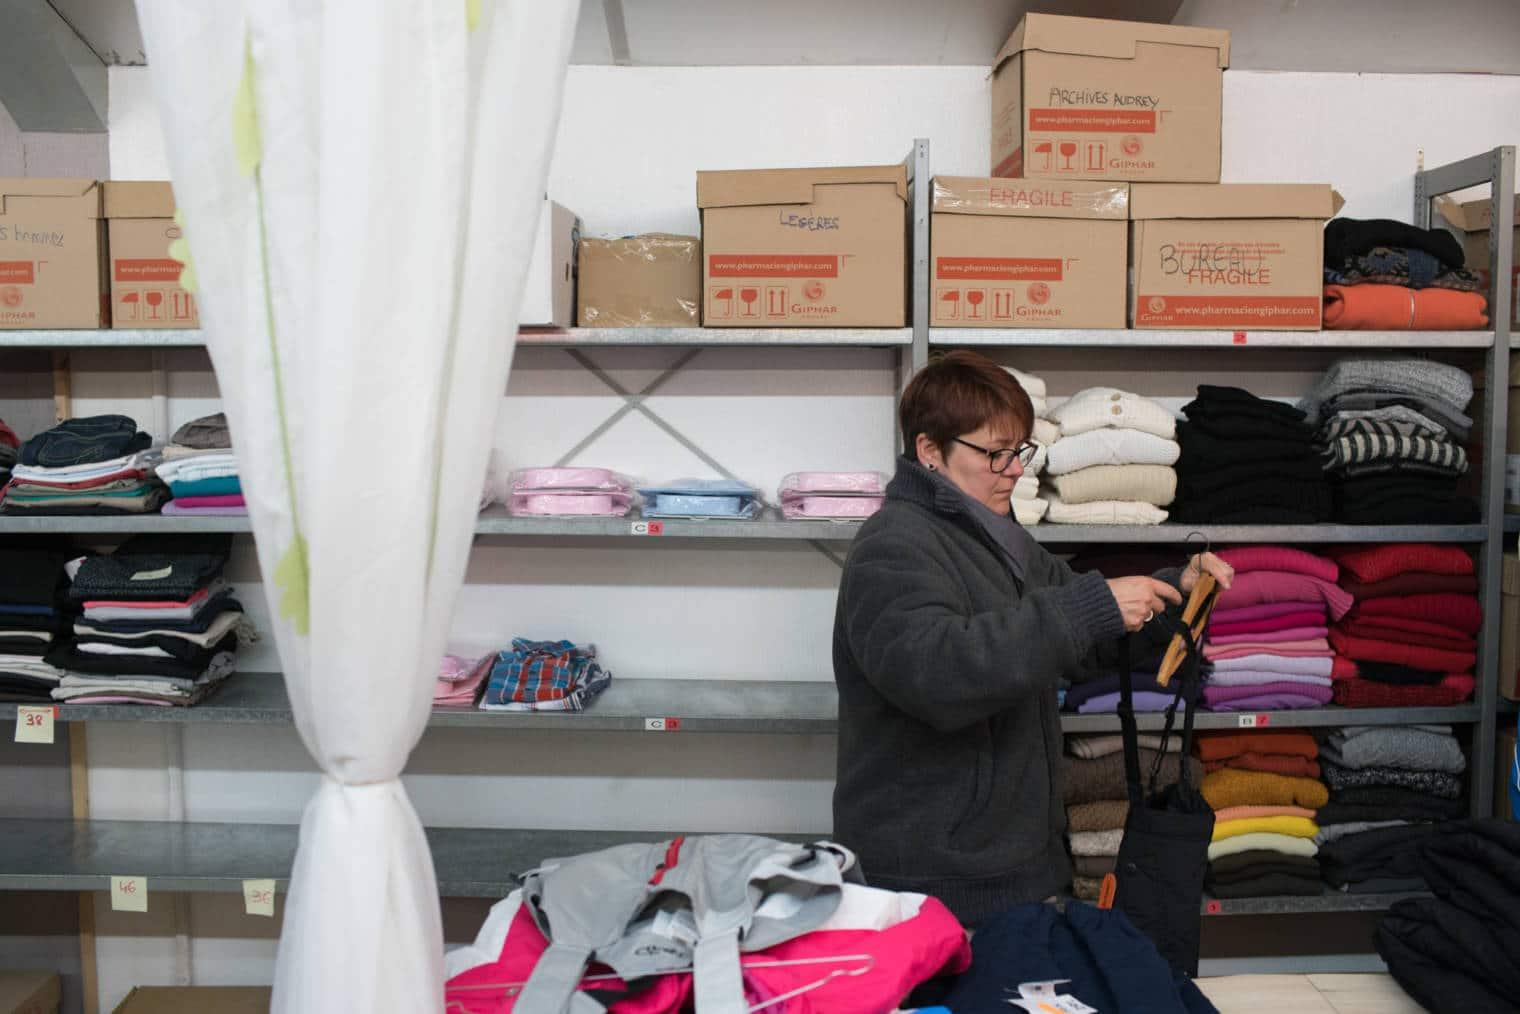 Nathalie pend un vêtement à un ceintre. Elle est entourée d'étagères remplies de vêtements.